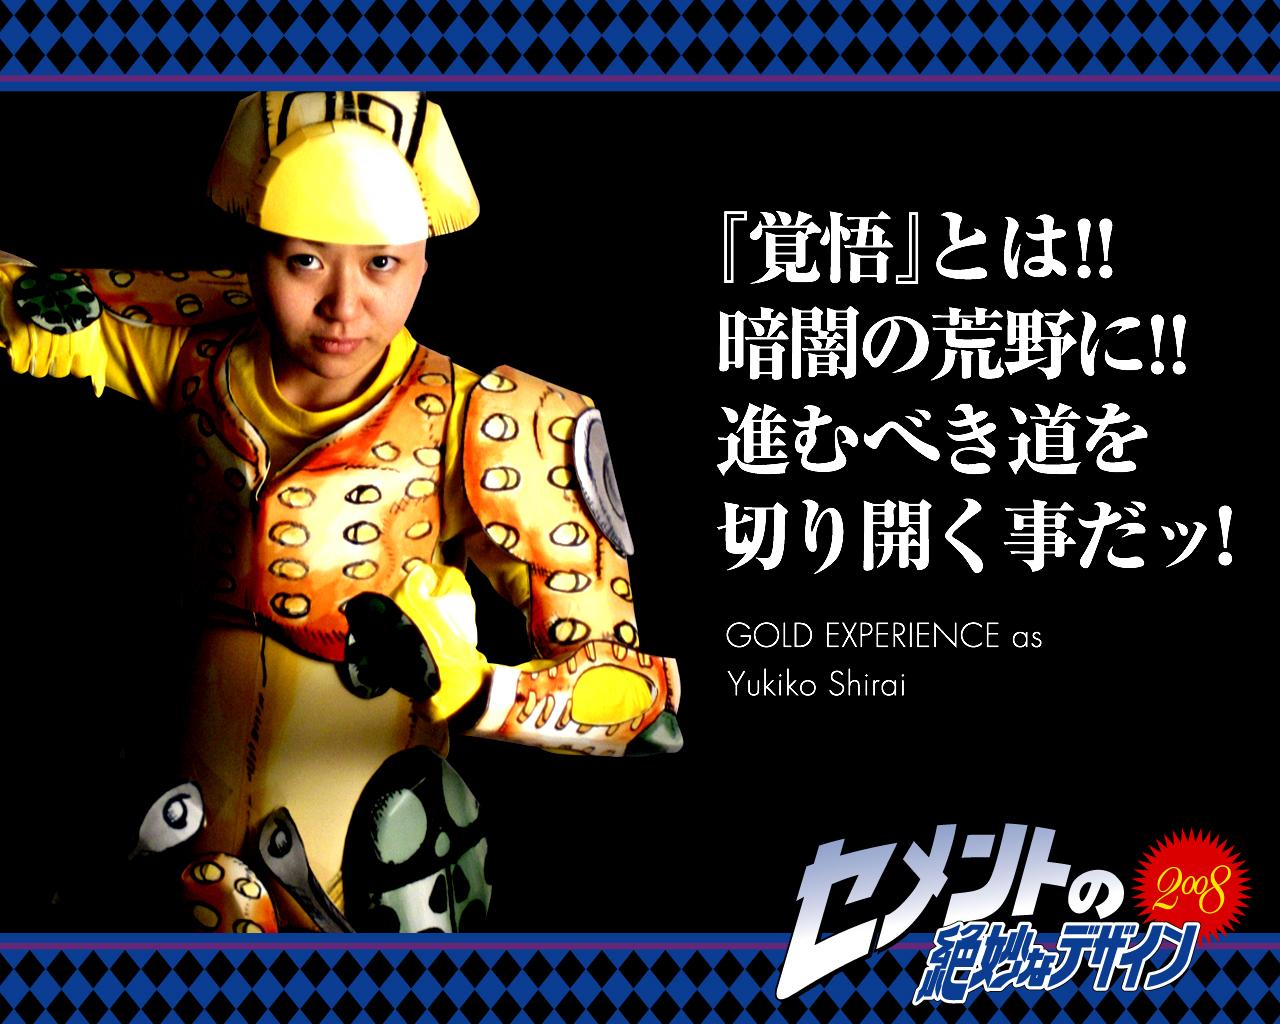 nenga-2008-gold